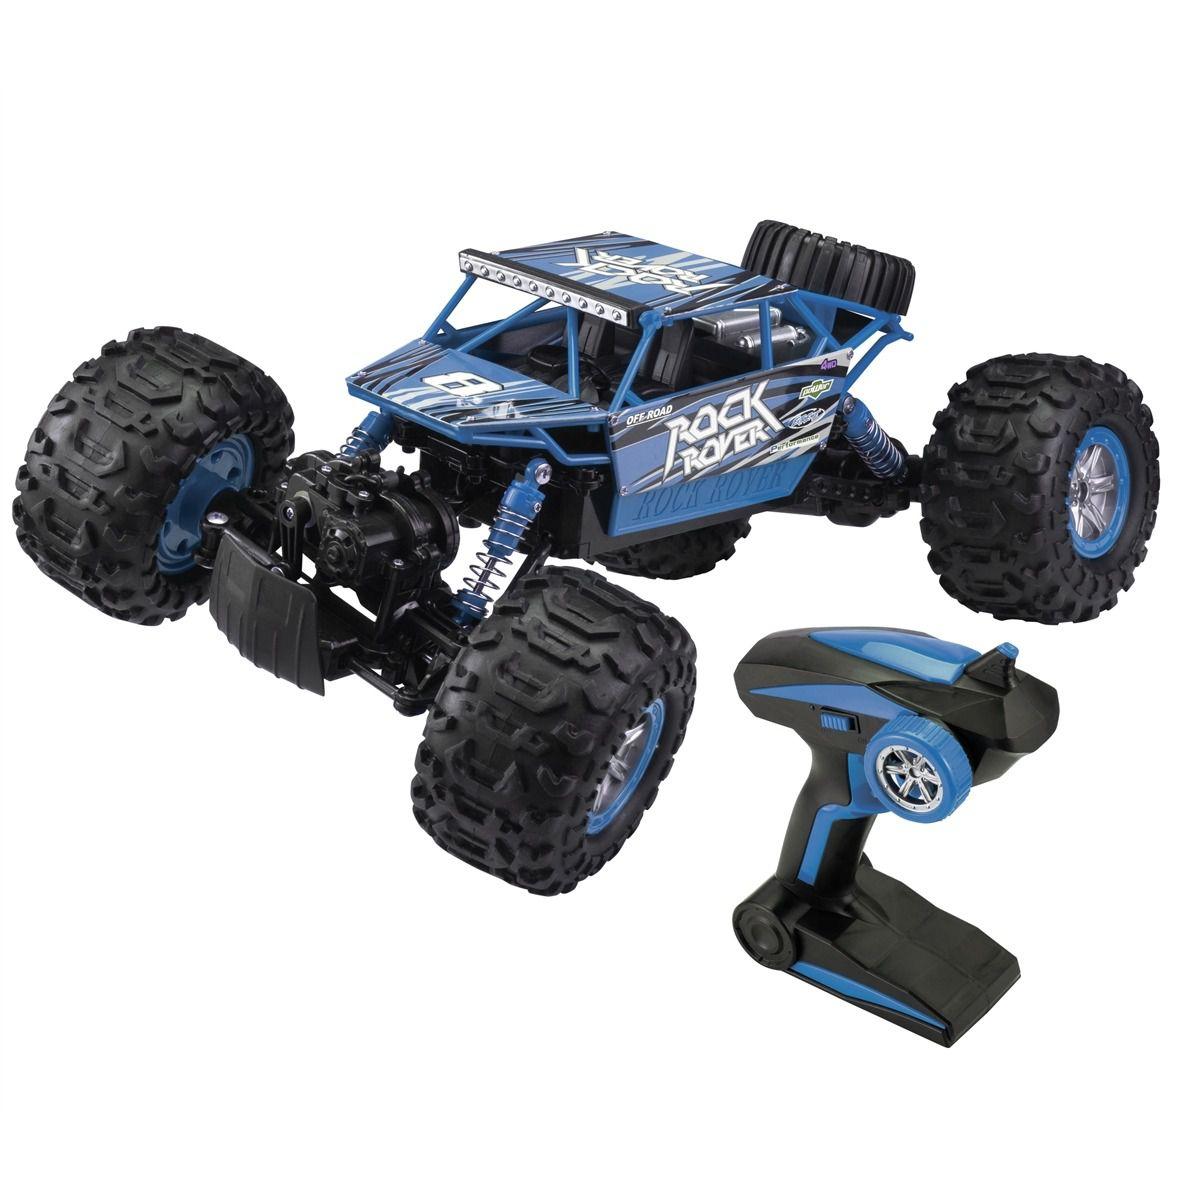 Carrinho De Controle Remoto – Anfibius Rock Rover  - Azul - Estrela   - Doce Diversão